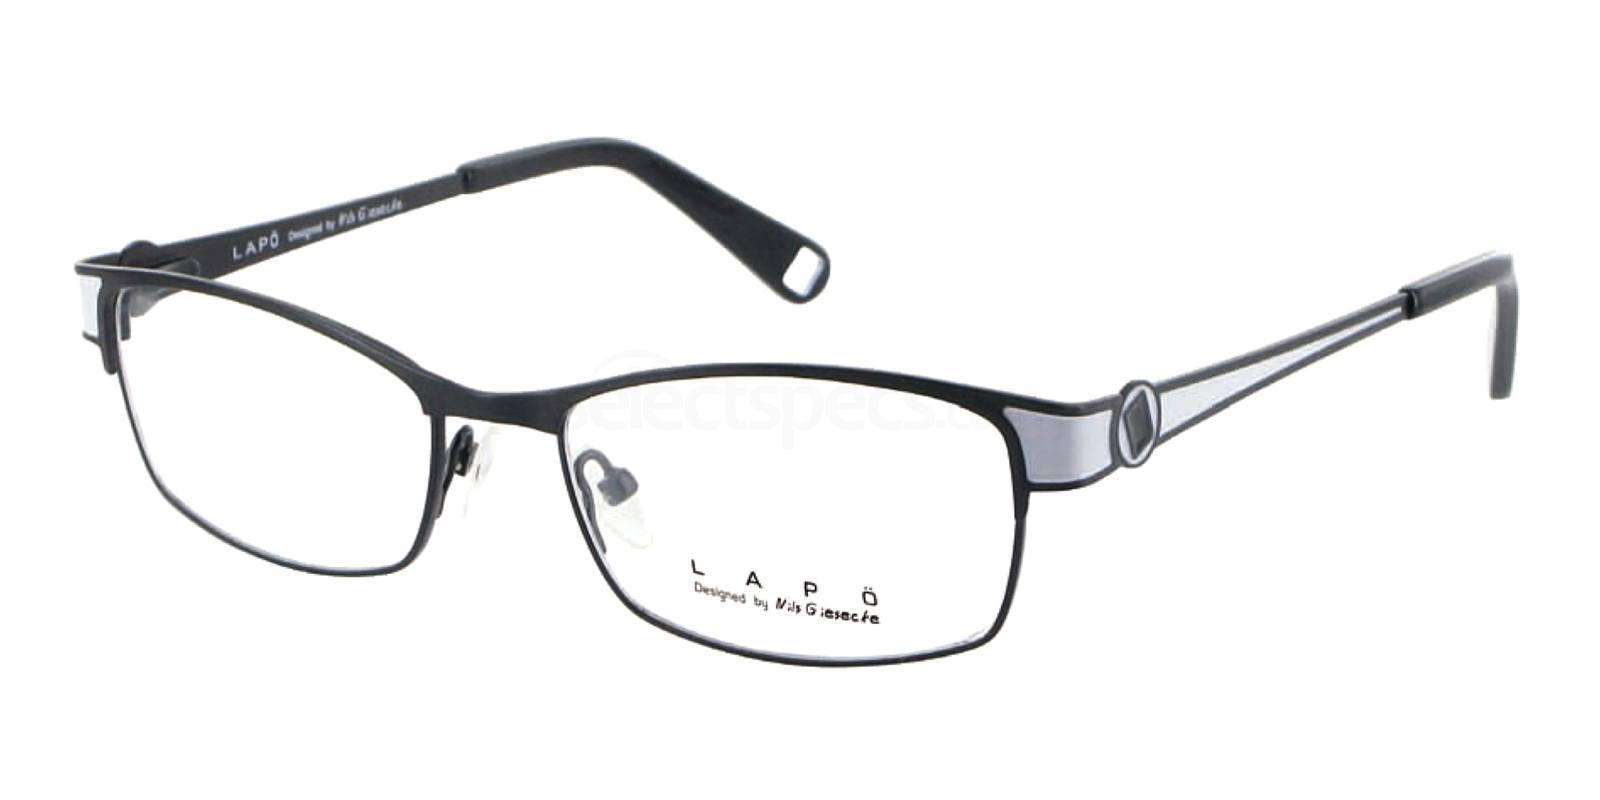 C01 LAMM104 Glasses, Lapö